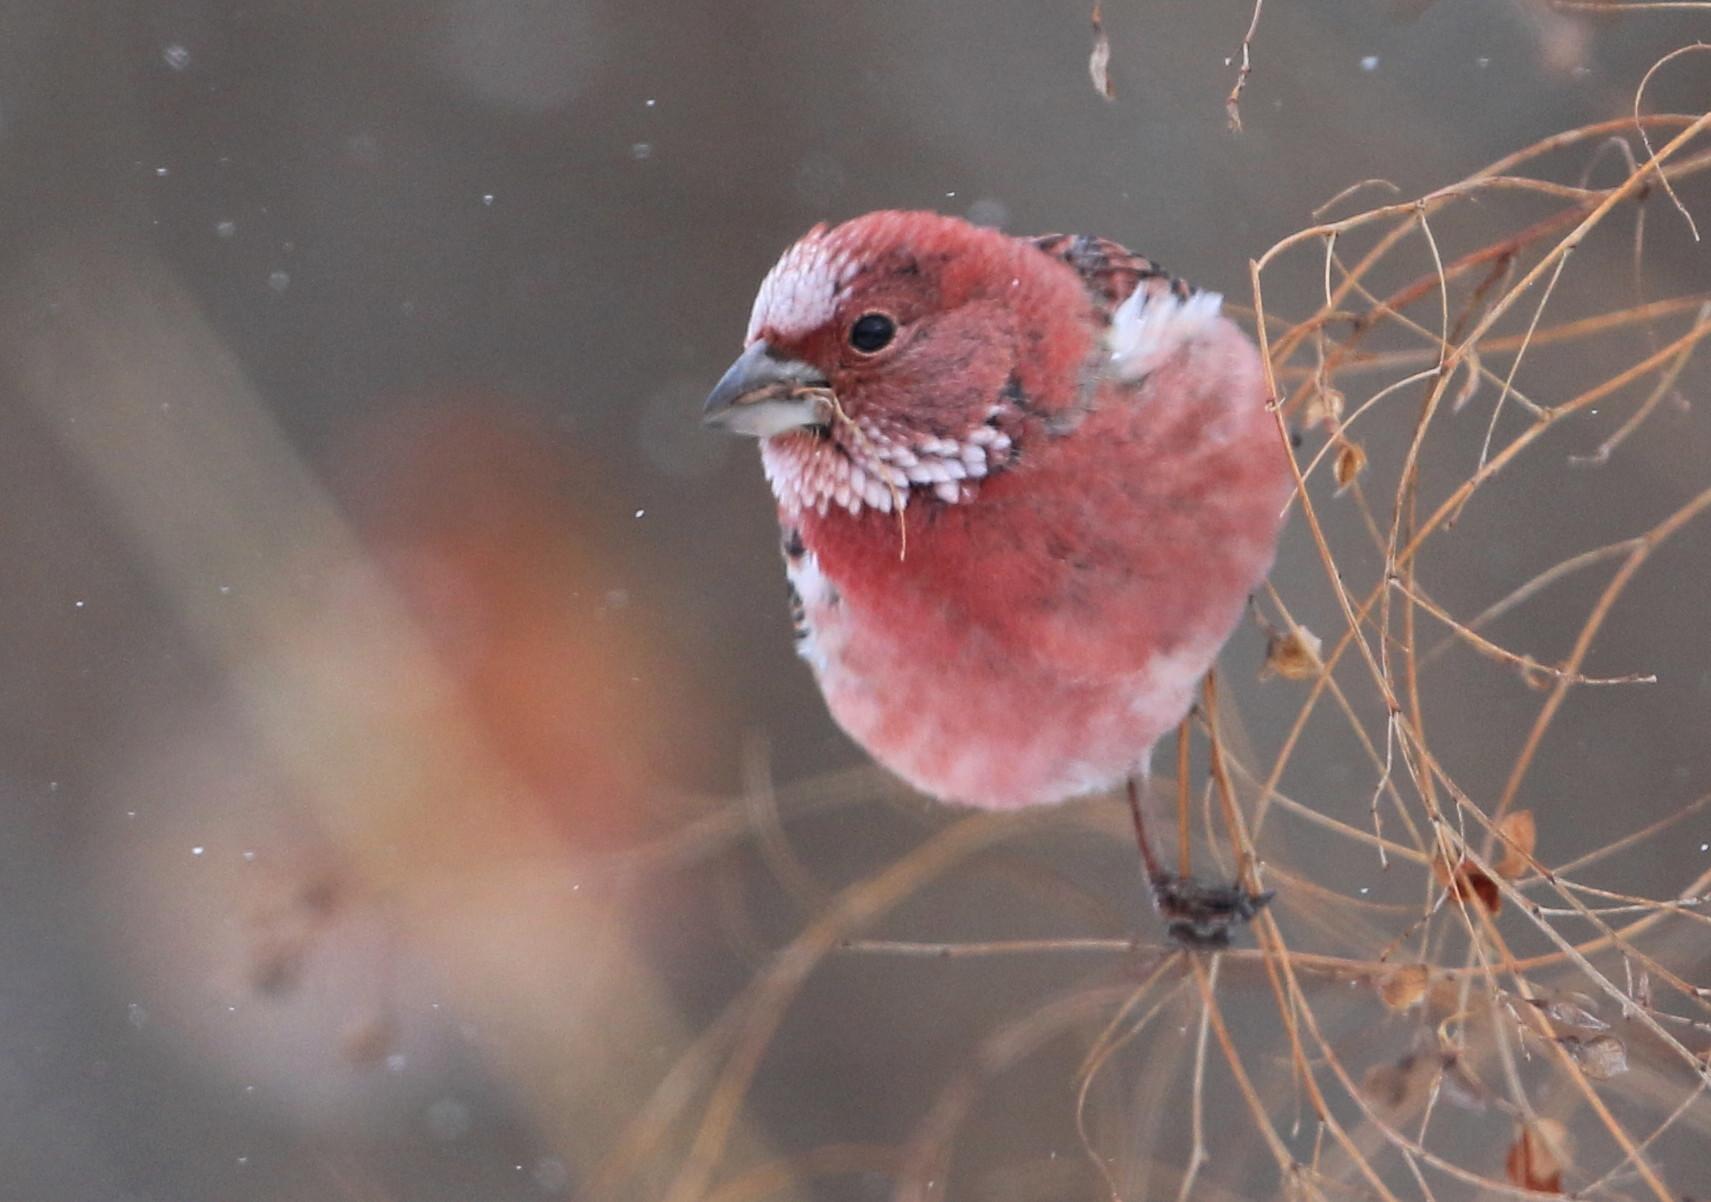 白い鳥 赤い鳥_c0229170_19570402.jpg